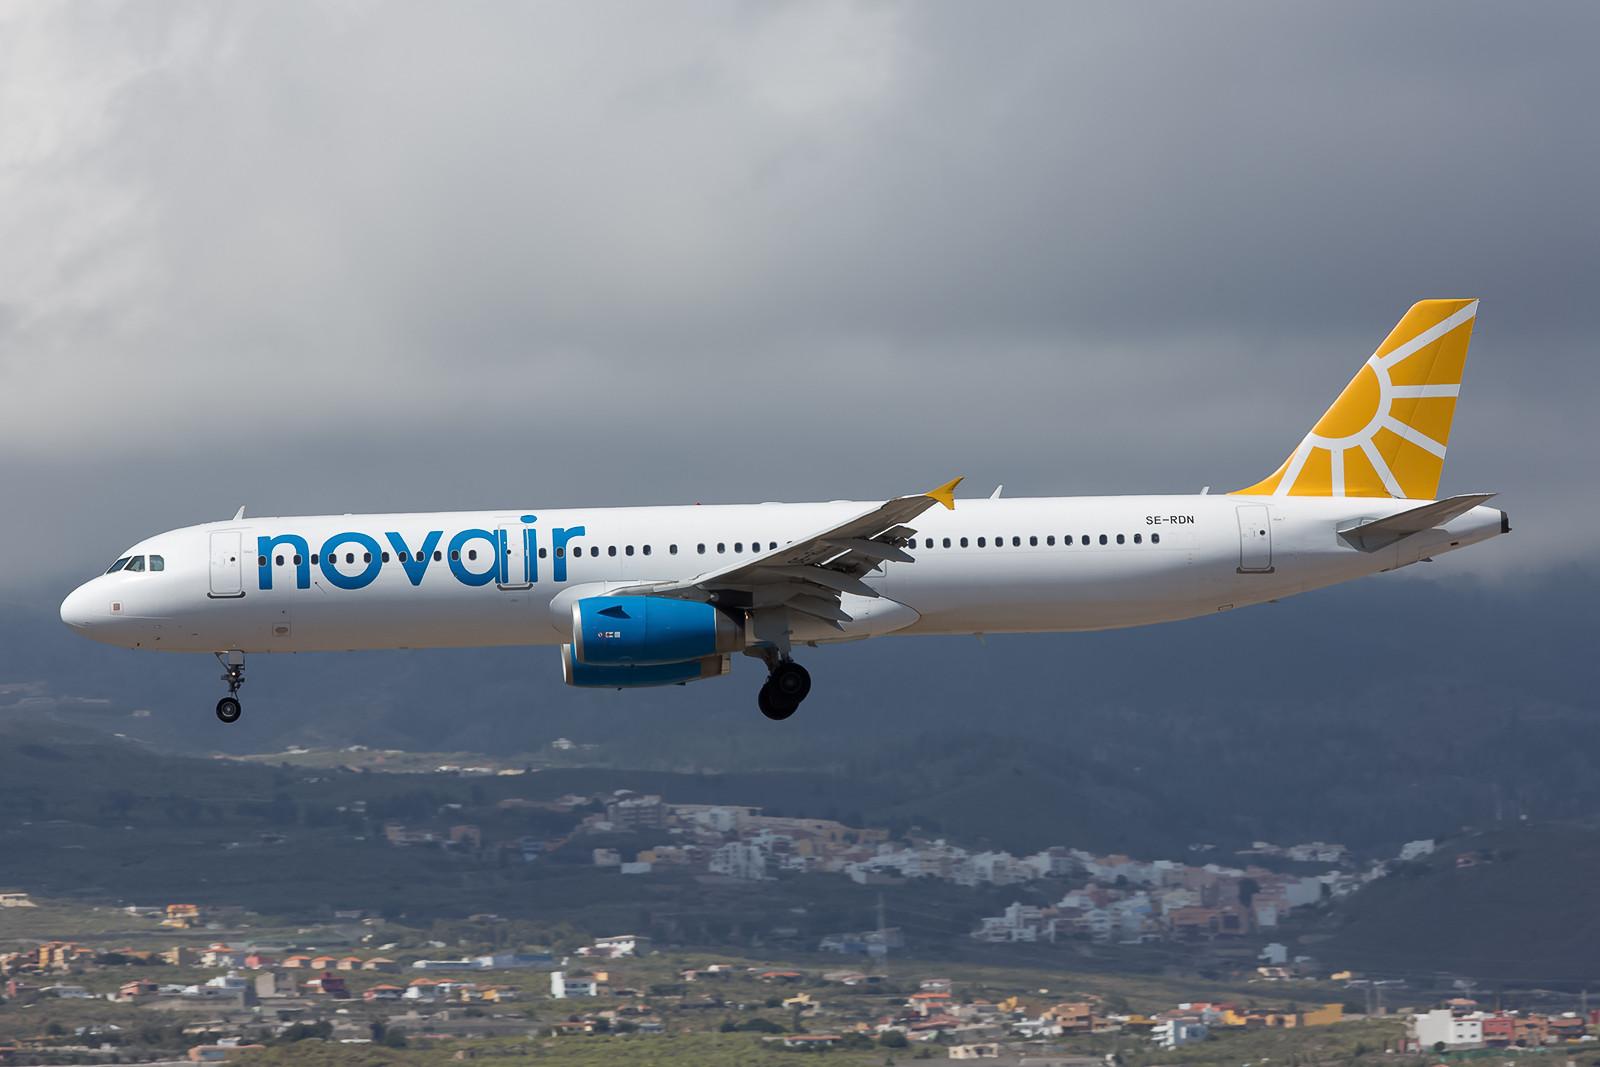 Die schwedische Novair operiert u.a. mit diesem rund 10 Jahre alten Airbus 321.